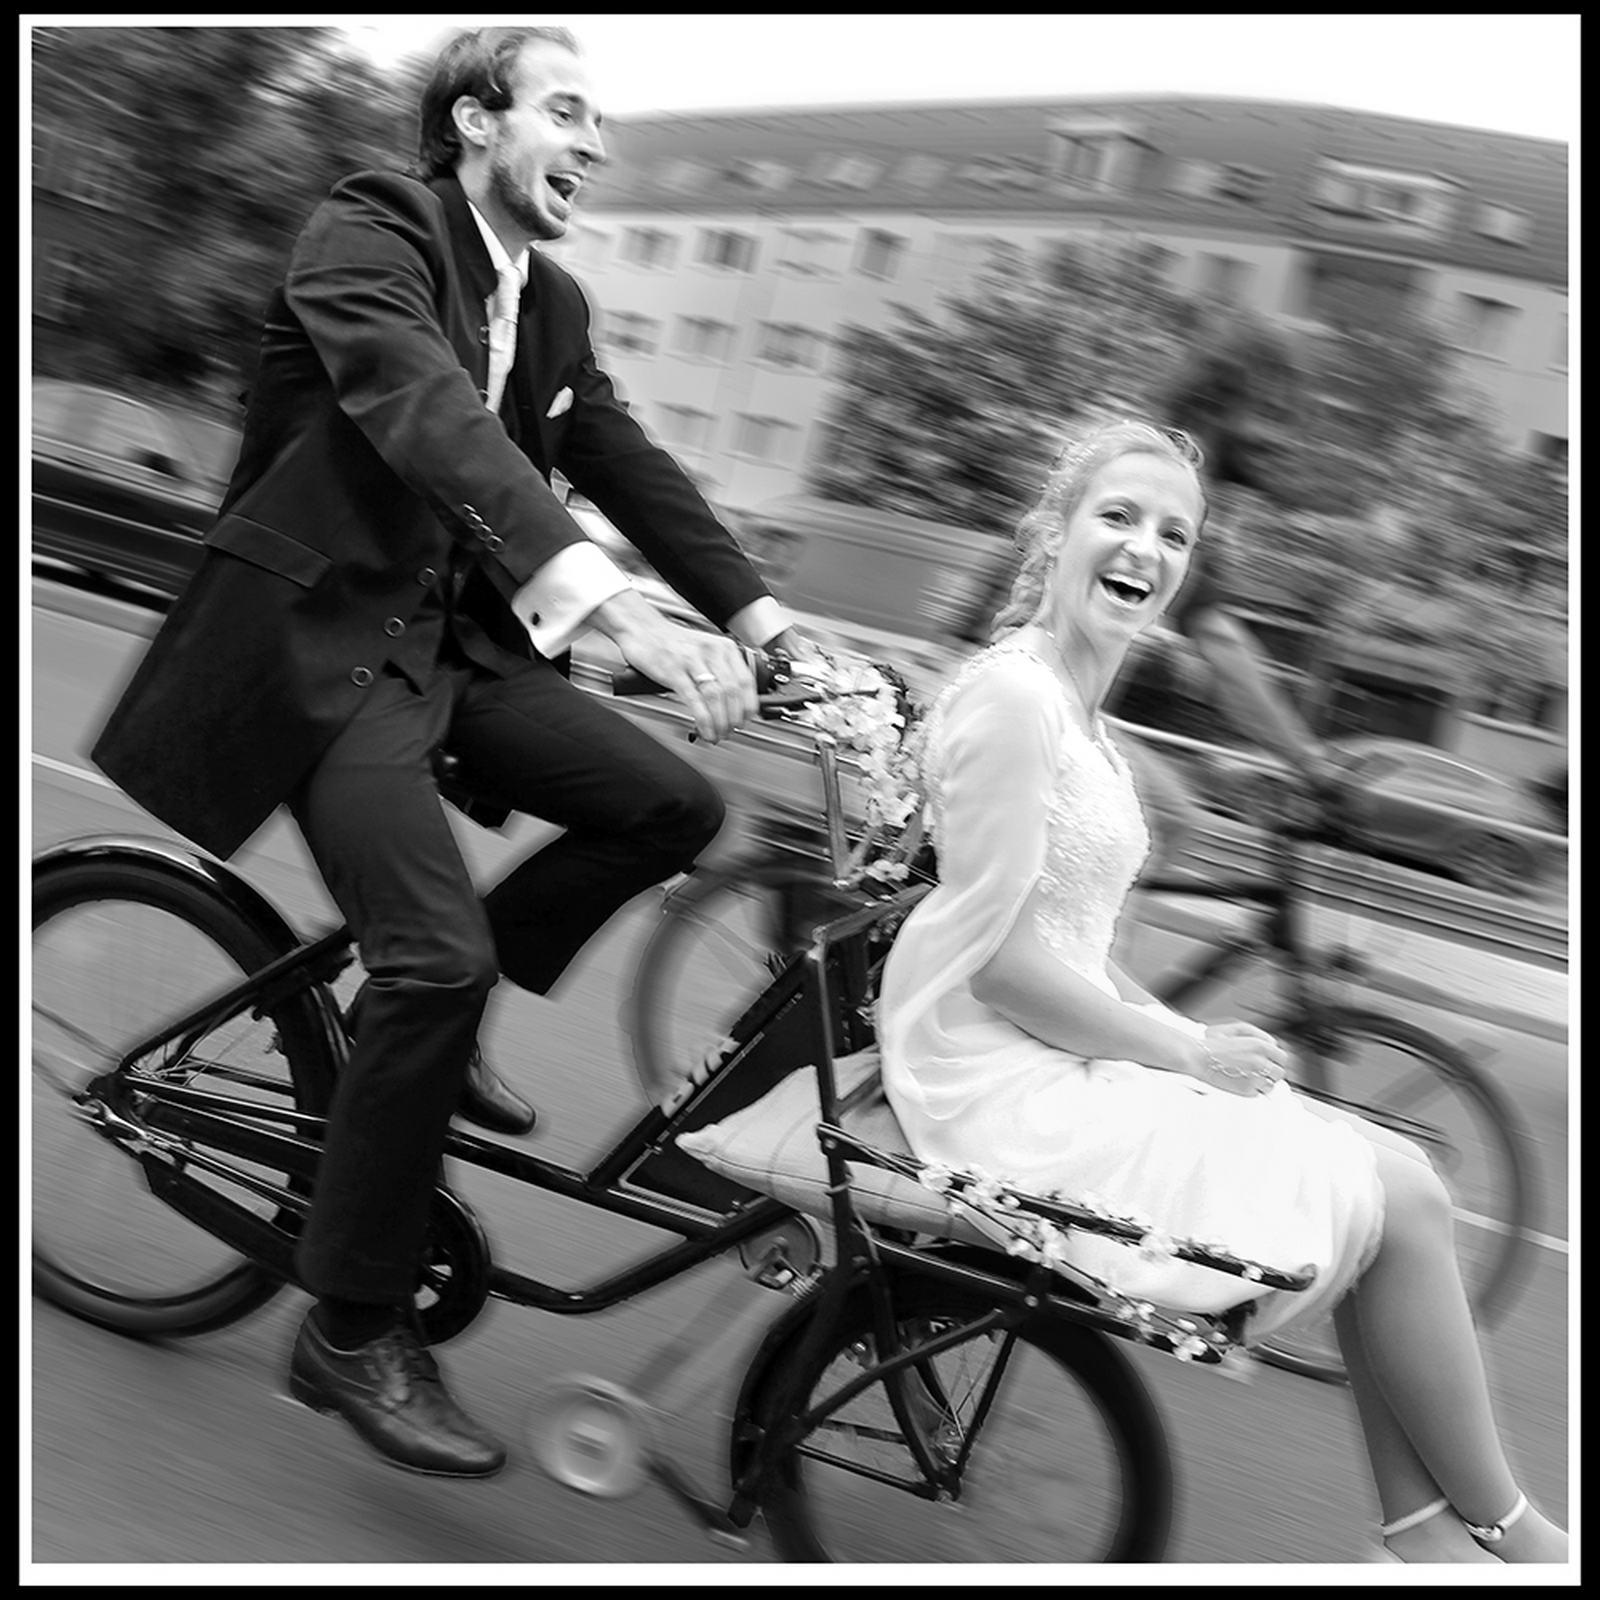 Lachende Braut wird von ihrem Bräutigam vorne auf einem Postrad sitzend gefahren.